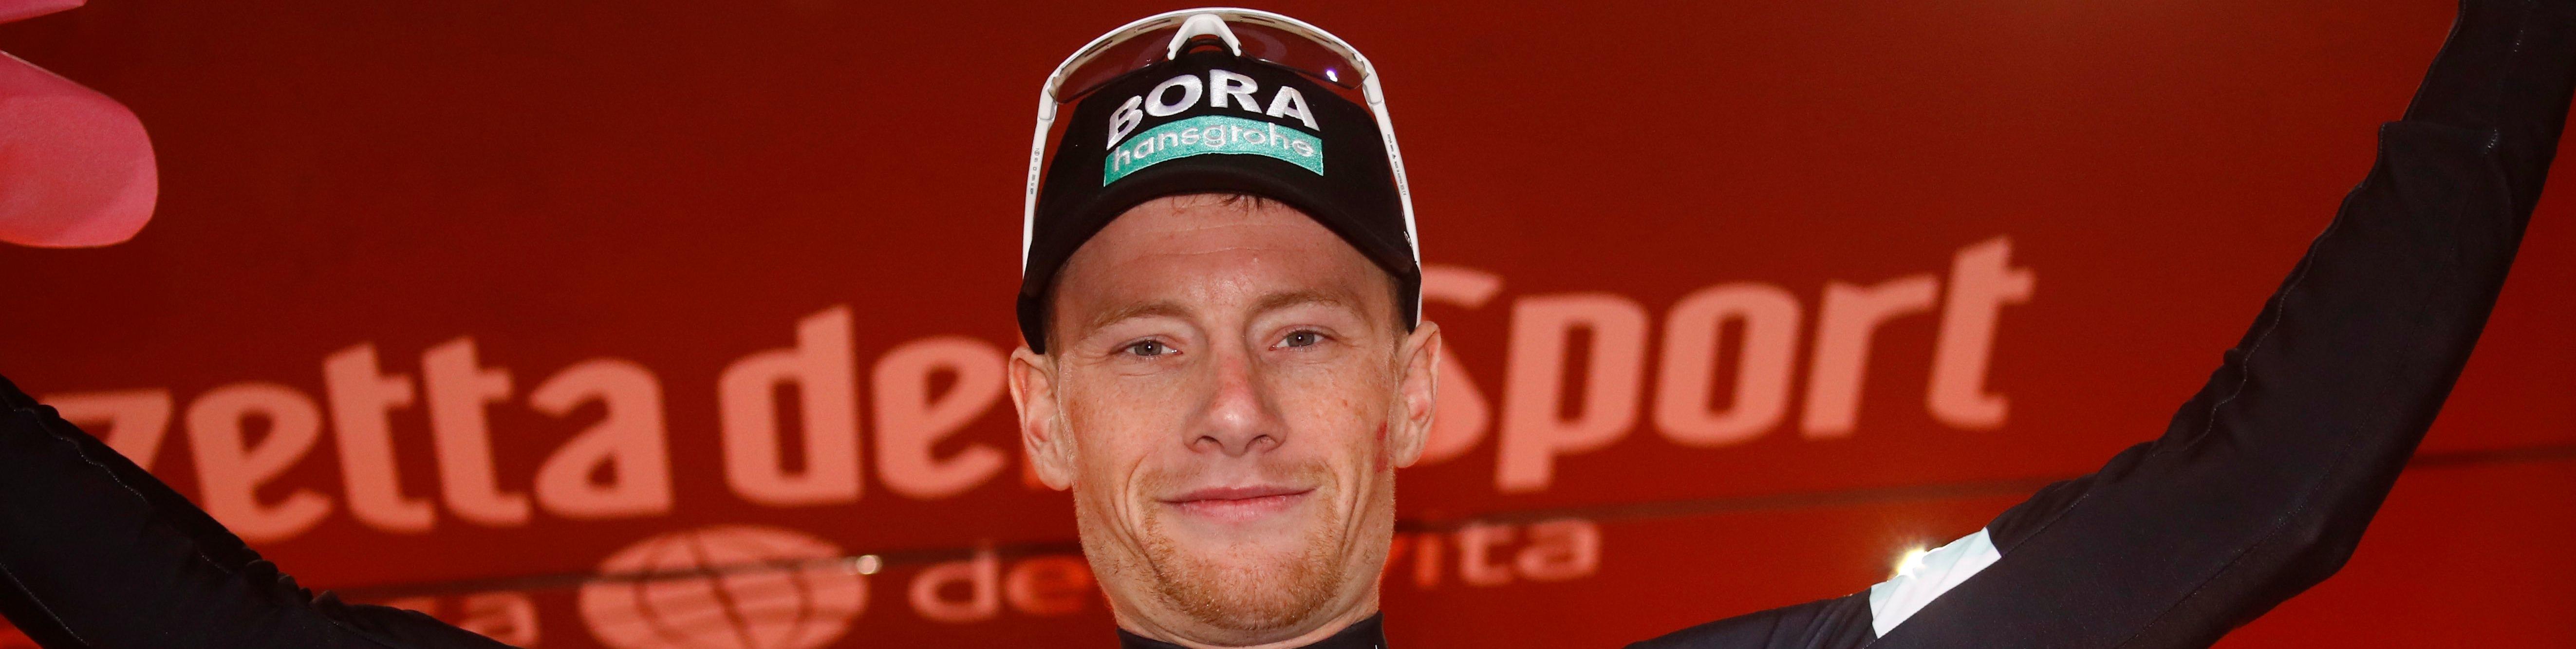 Vuelta 2019, tappa 4: tutto apparecchiato per il bis di Bennett?